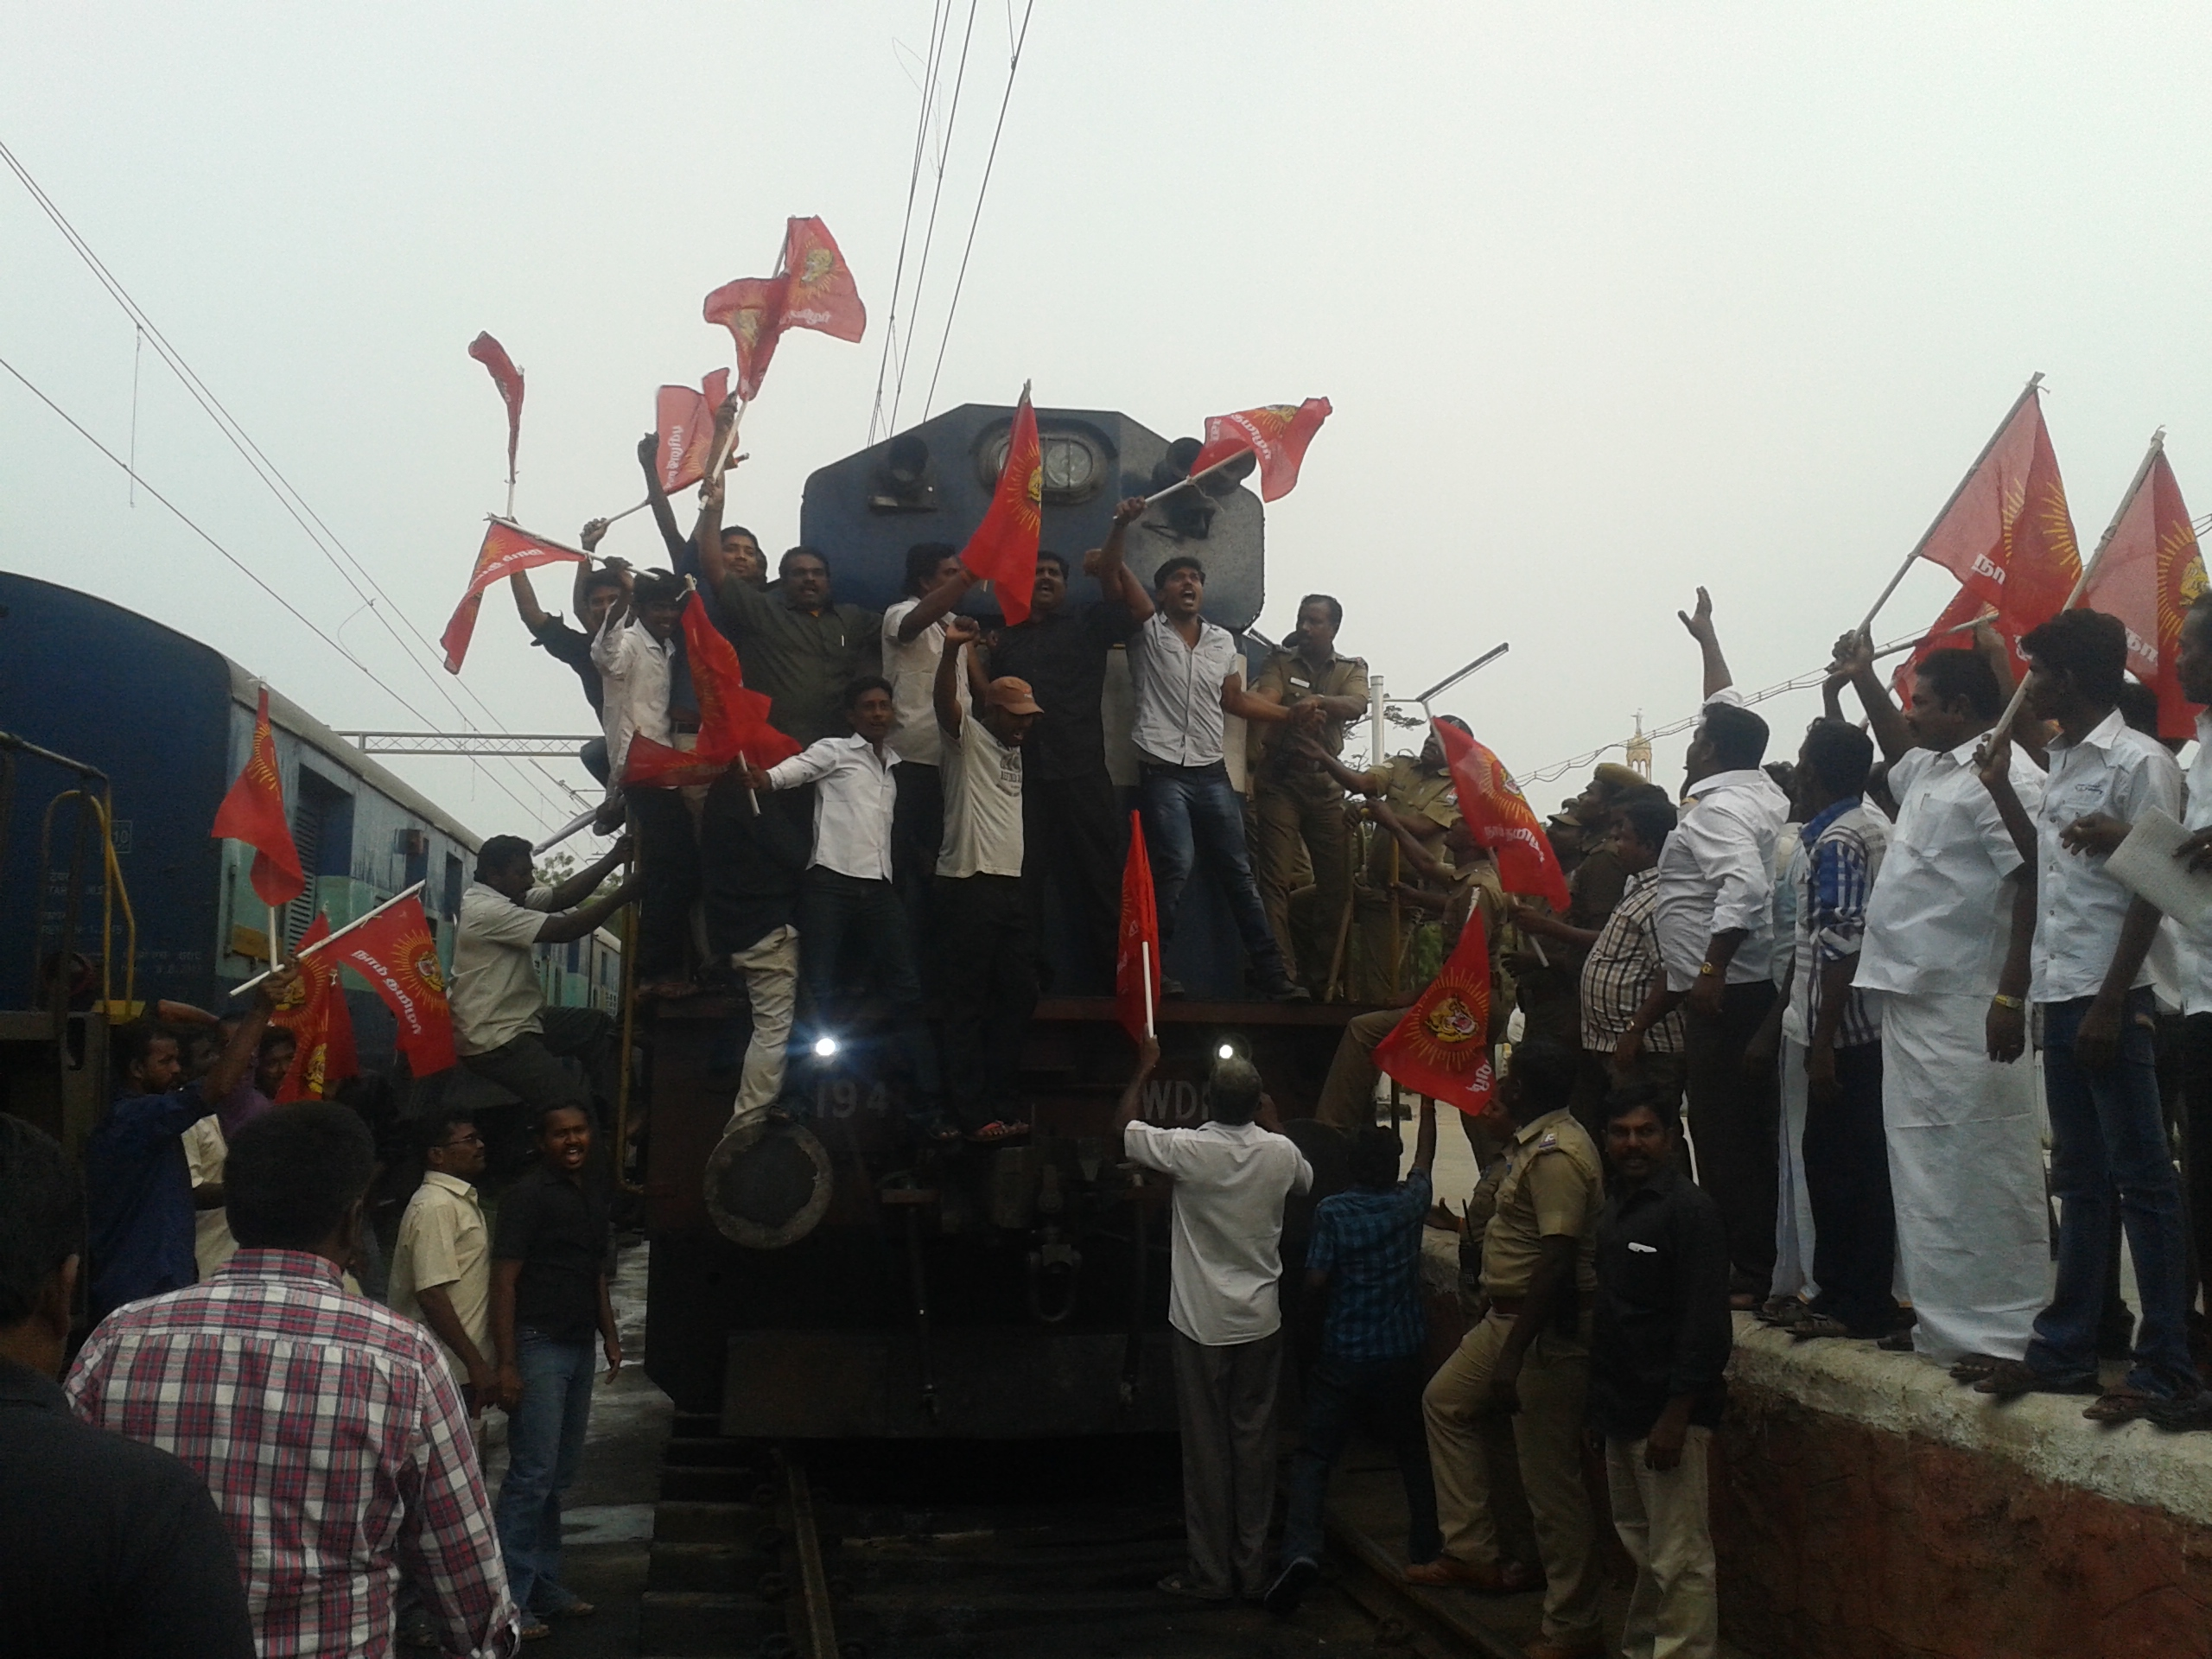 தூத்துக்குடி ரயில் மறியல் போராட்டம் நடைபெற்றது 20131112 161929